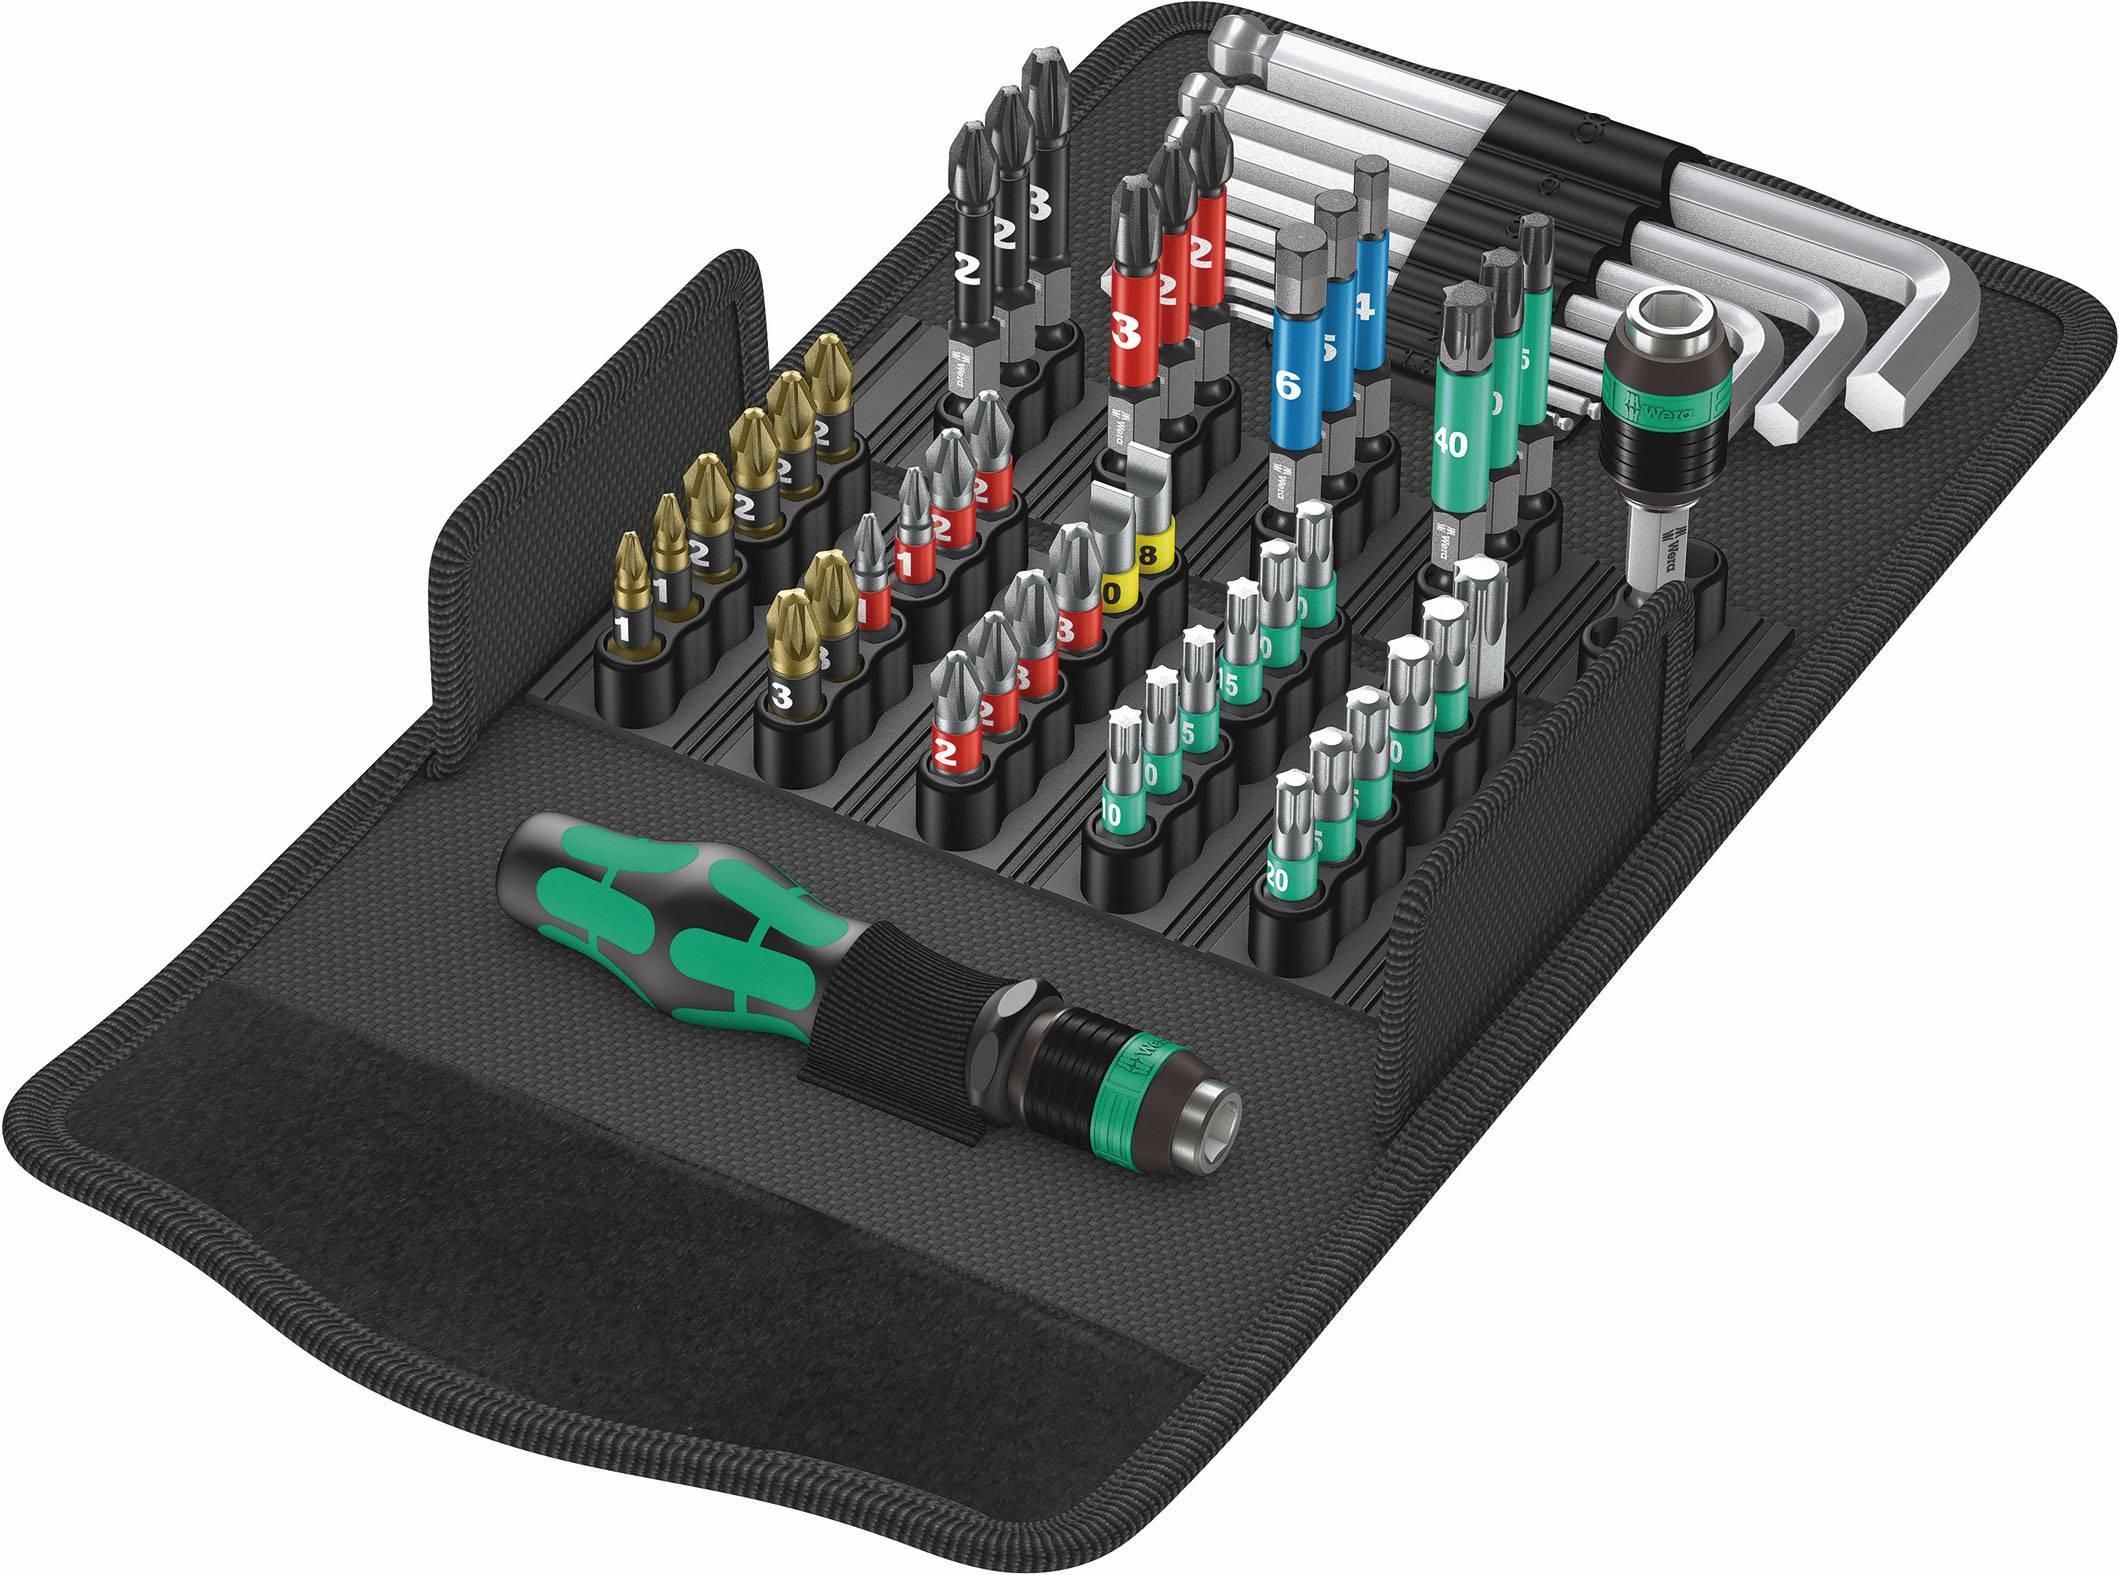 Sada bitov Wera Kraftform Kompakt 100 05057460001, nástrojová oceľ, 52-dielna